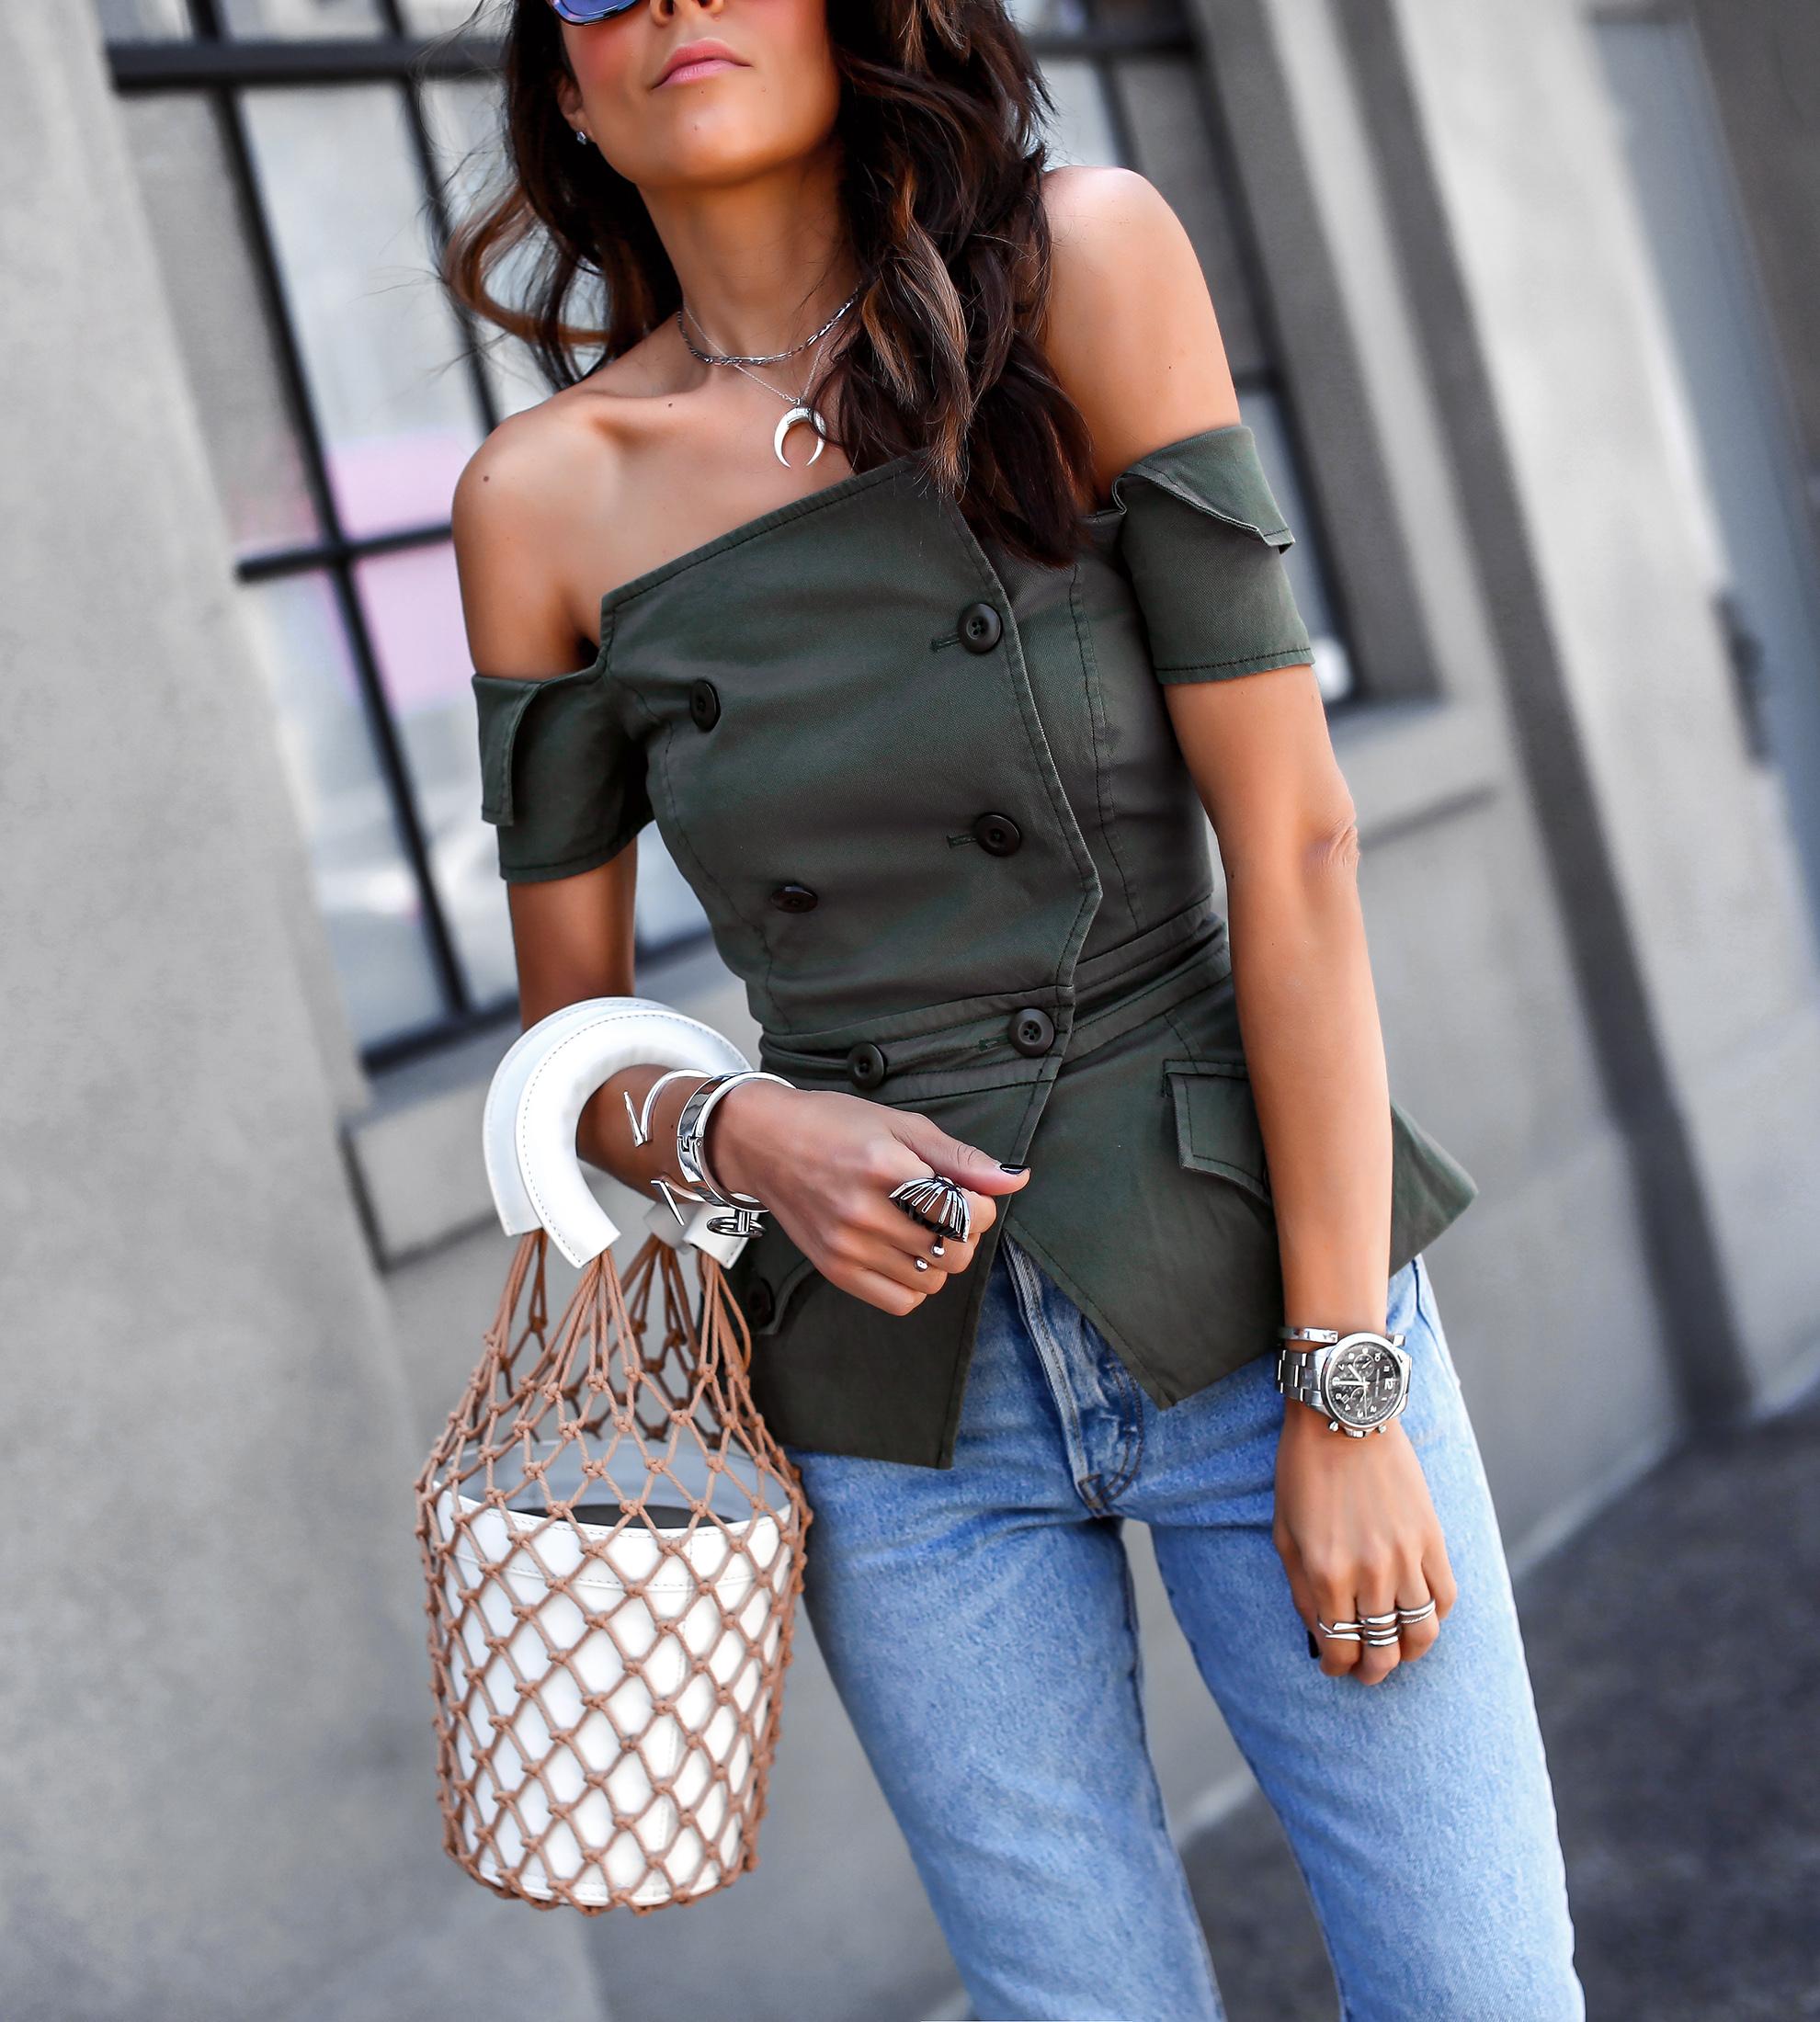 Marissa Webb Vest Levis Jeans Staud Bucket Bag Spring Fashion Must Haves.jpg